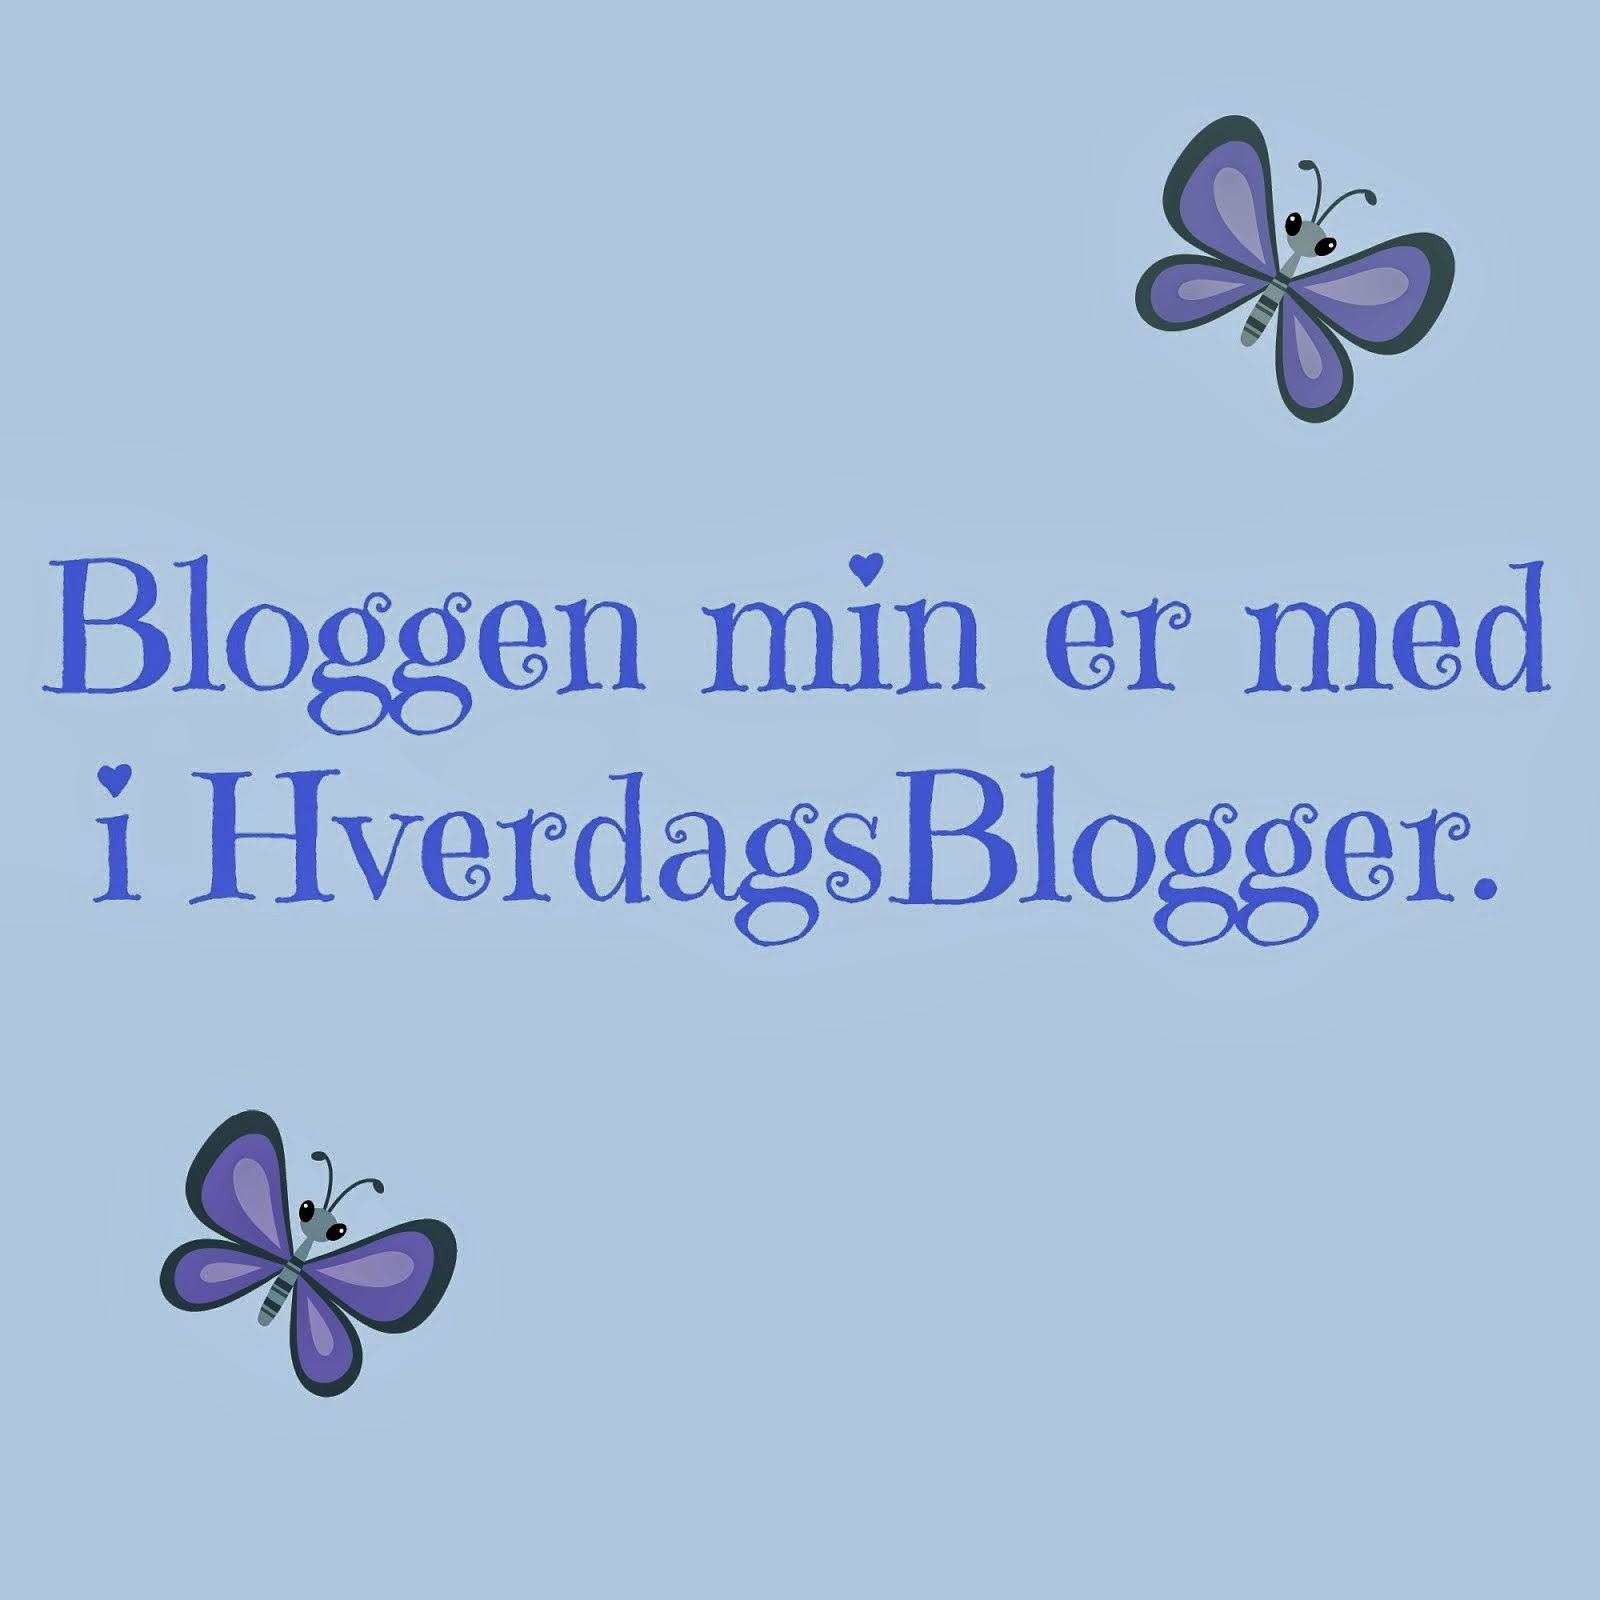 Bloggen min er med